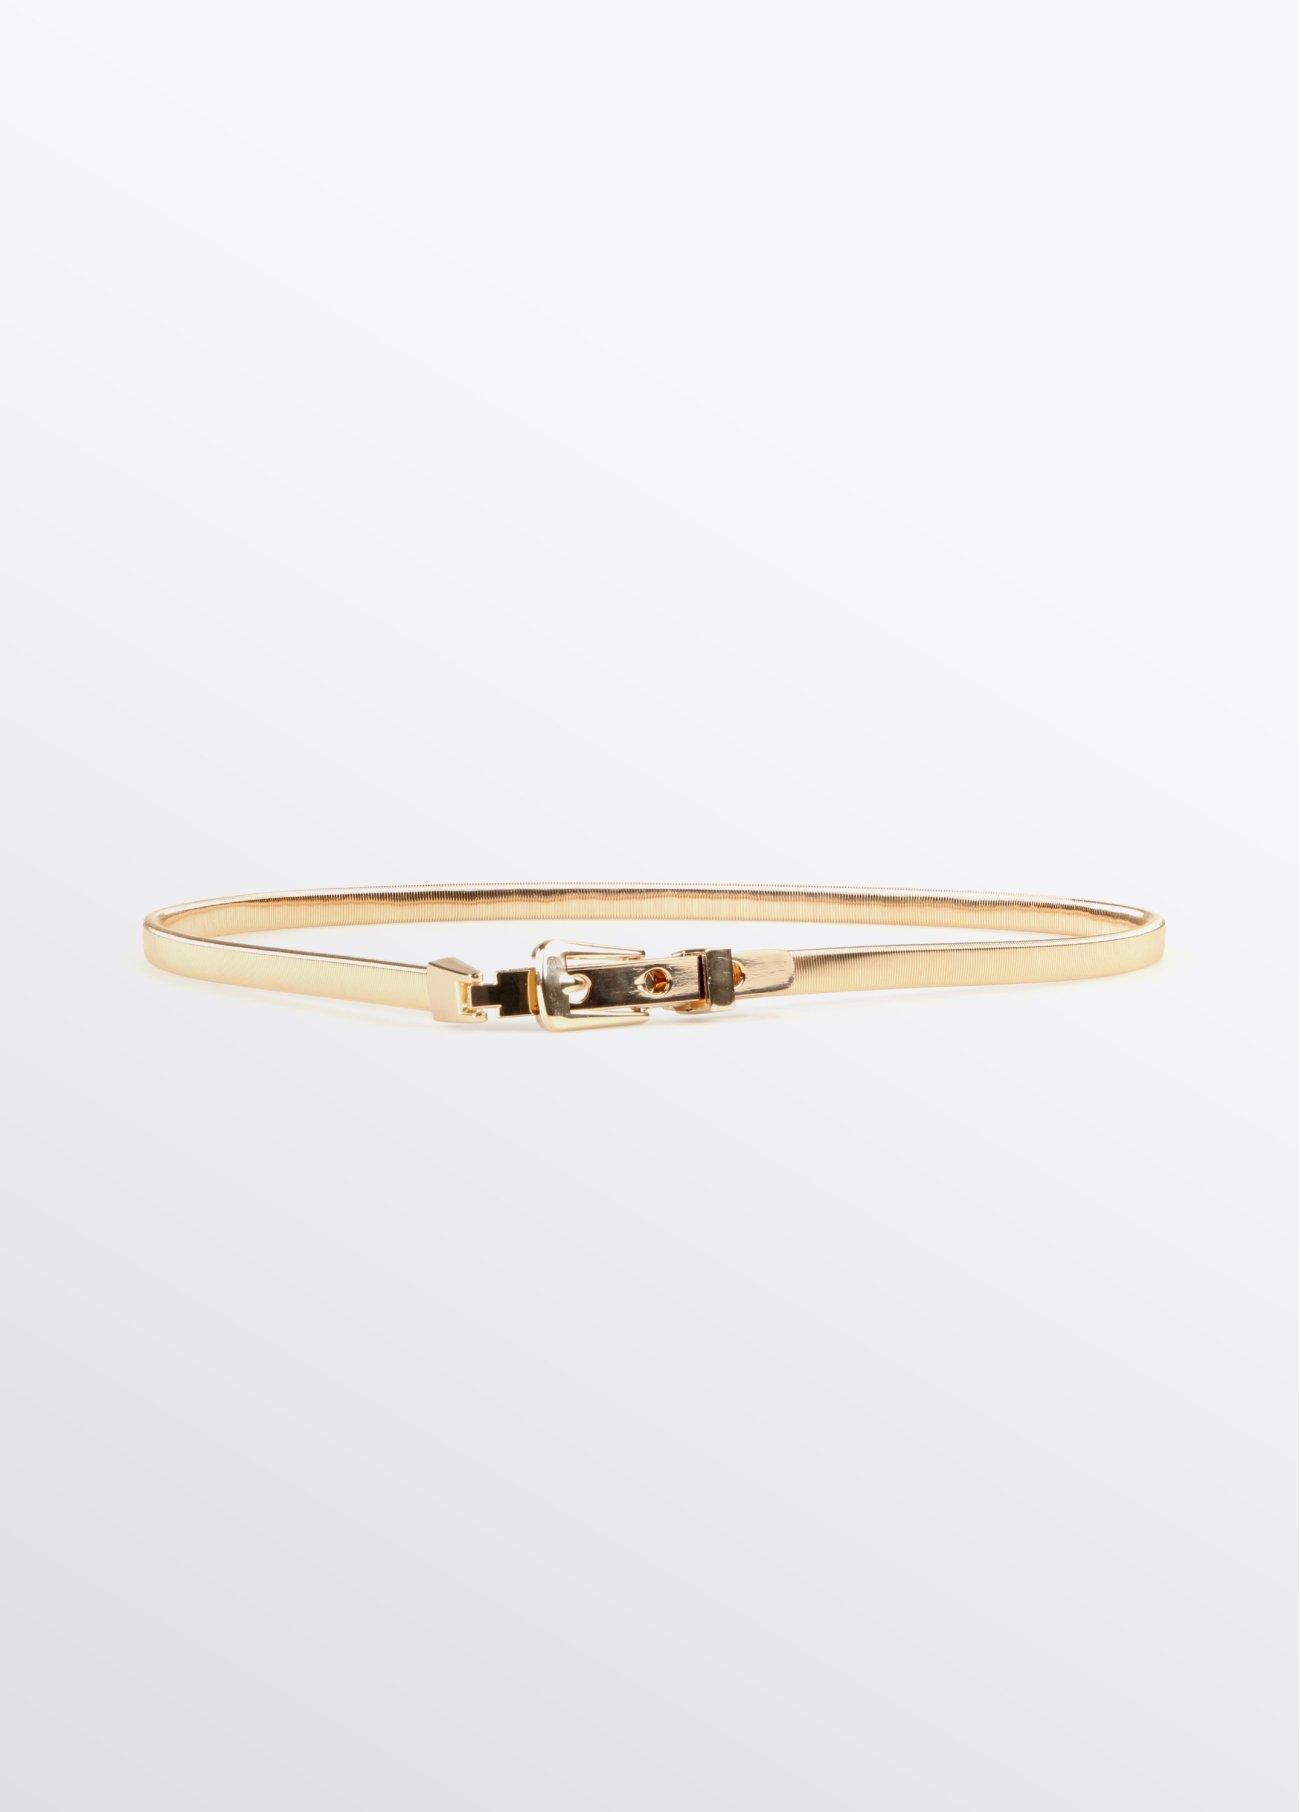 Cinturón elástico metálico, dorado 2